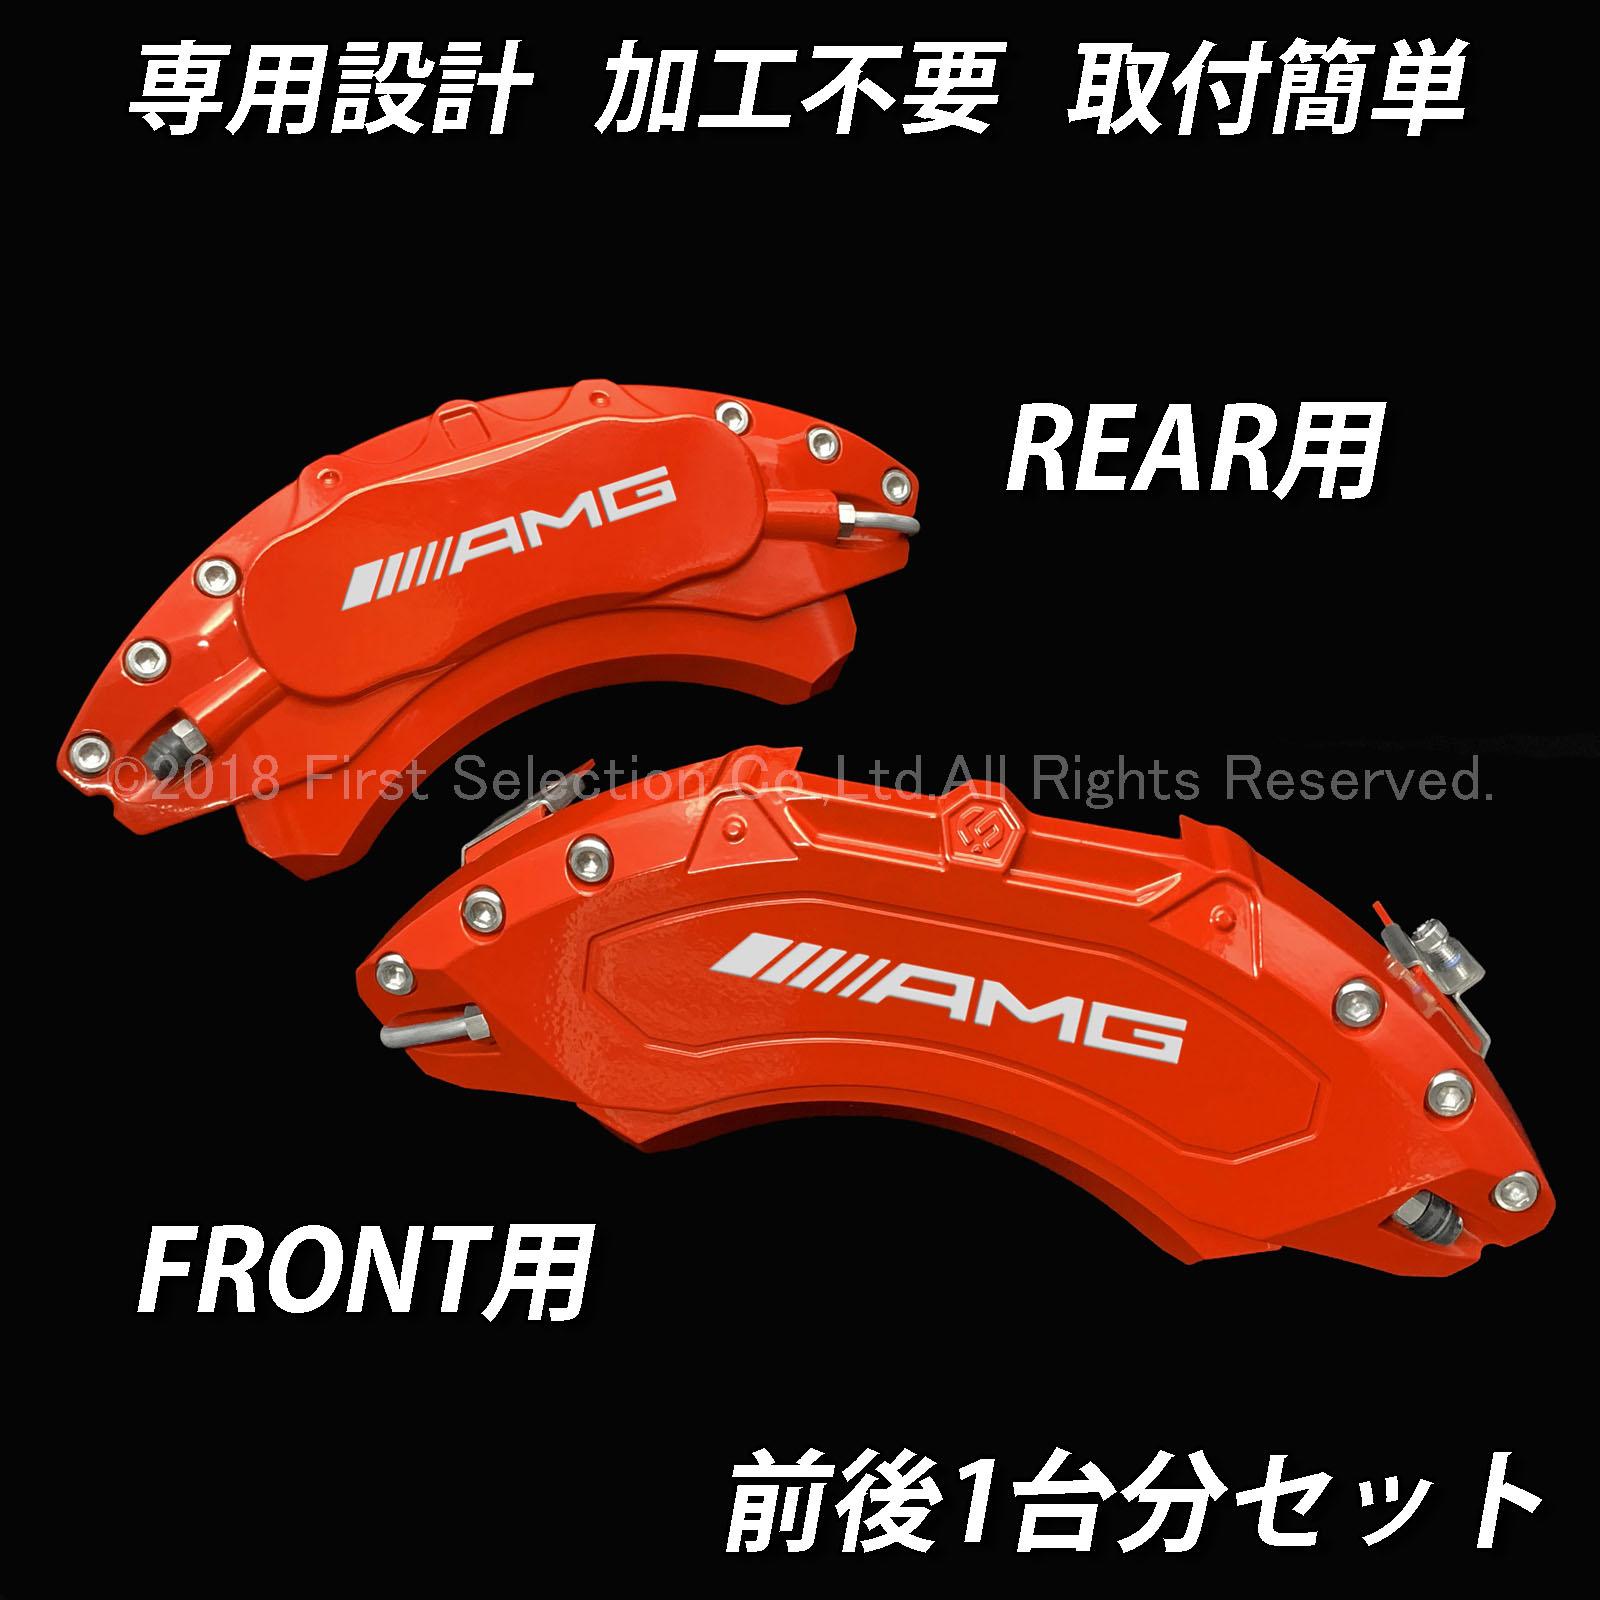 Mercedes-Benz ベンツ AMG銀文字 CLSクラス C218/X218用 高耐久金属製キャリパーカバーセット赤  CLS C218 X218 CLS220d CLSシューティングブレーク AMGライン